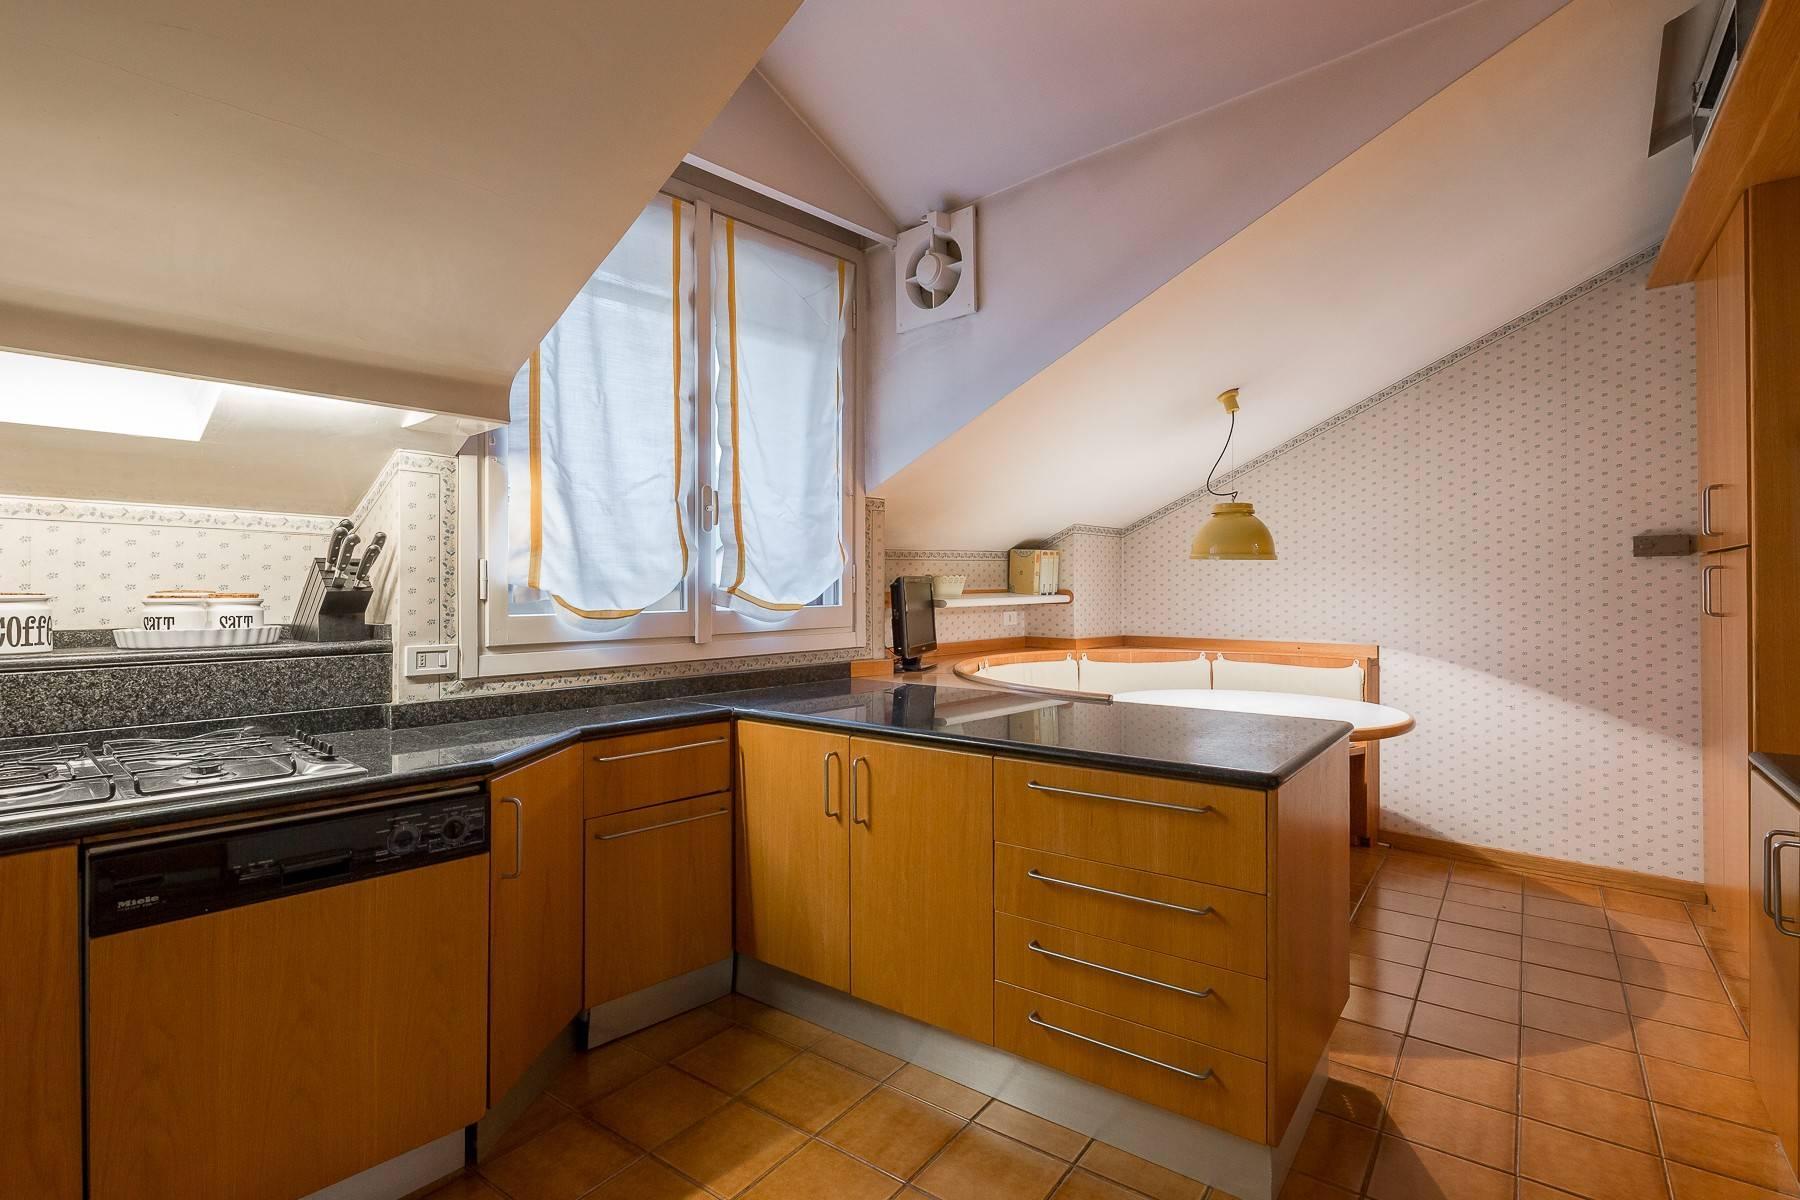 Charmante möblierte Wohnung im San Babila Stadtviertel - 9